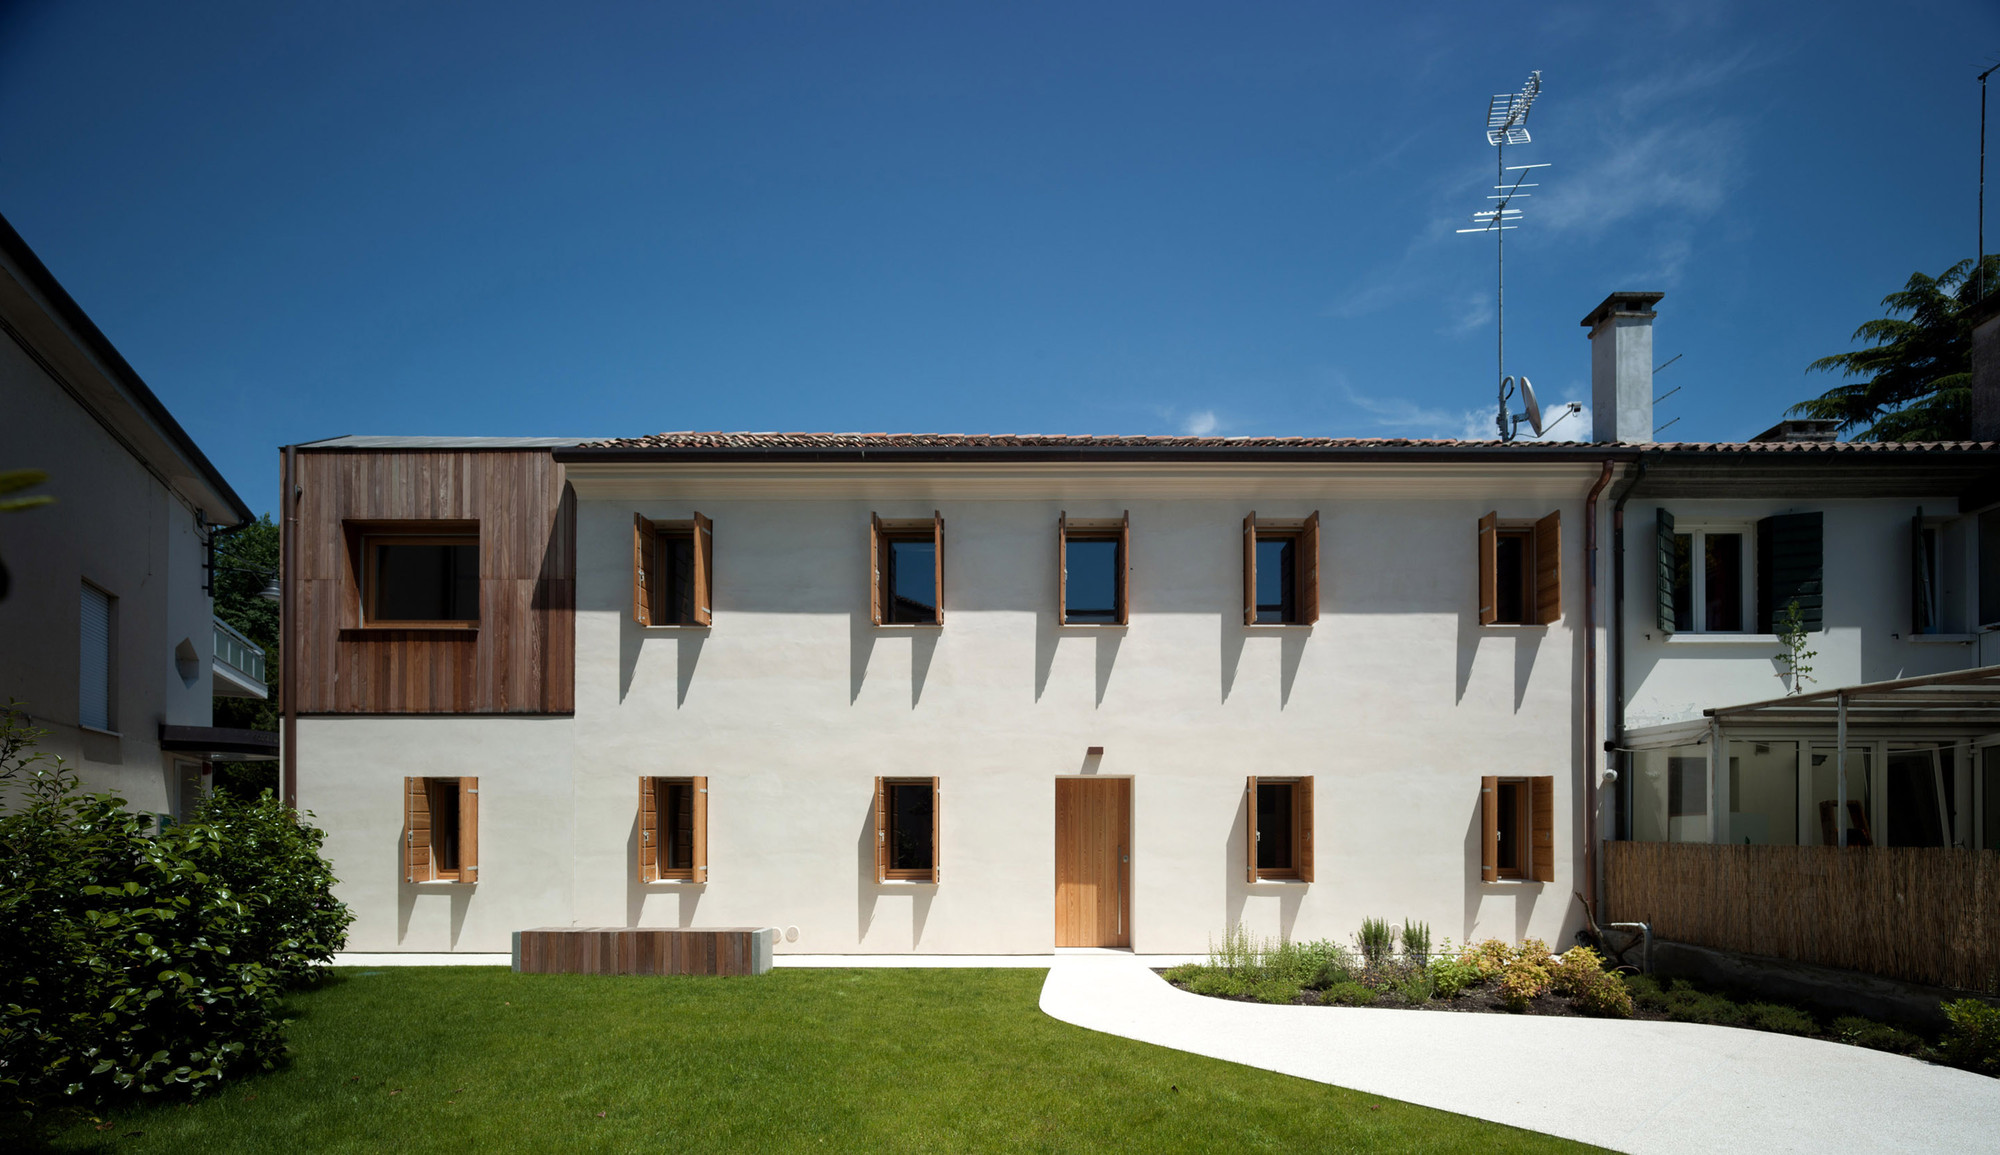 Casa Fiera / Massimo Galeotti Architetto, © Francesco Castagna